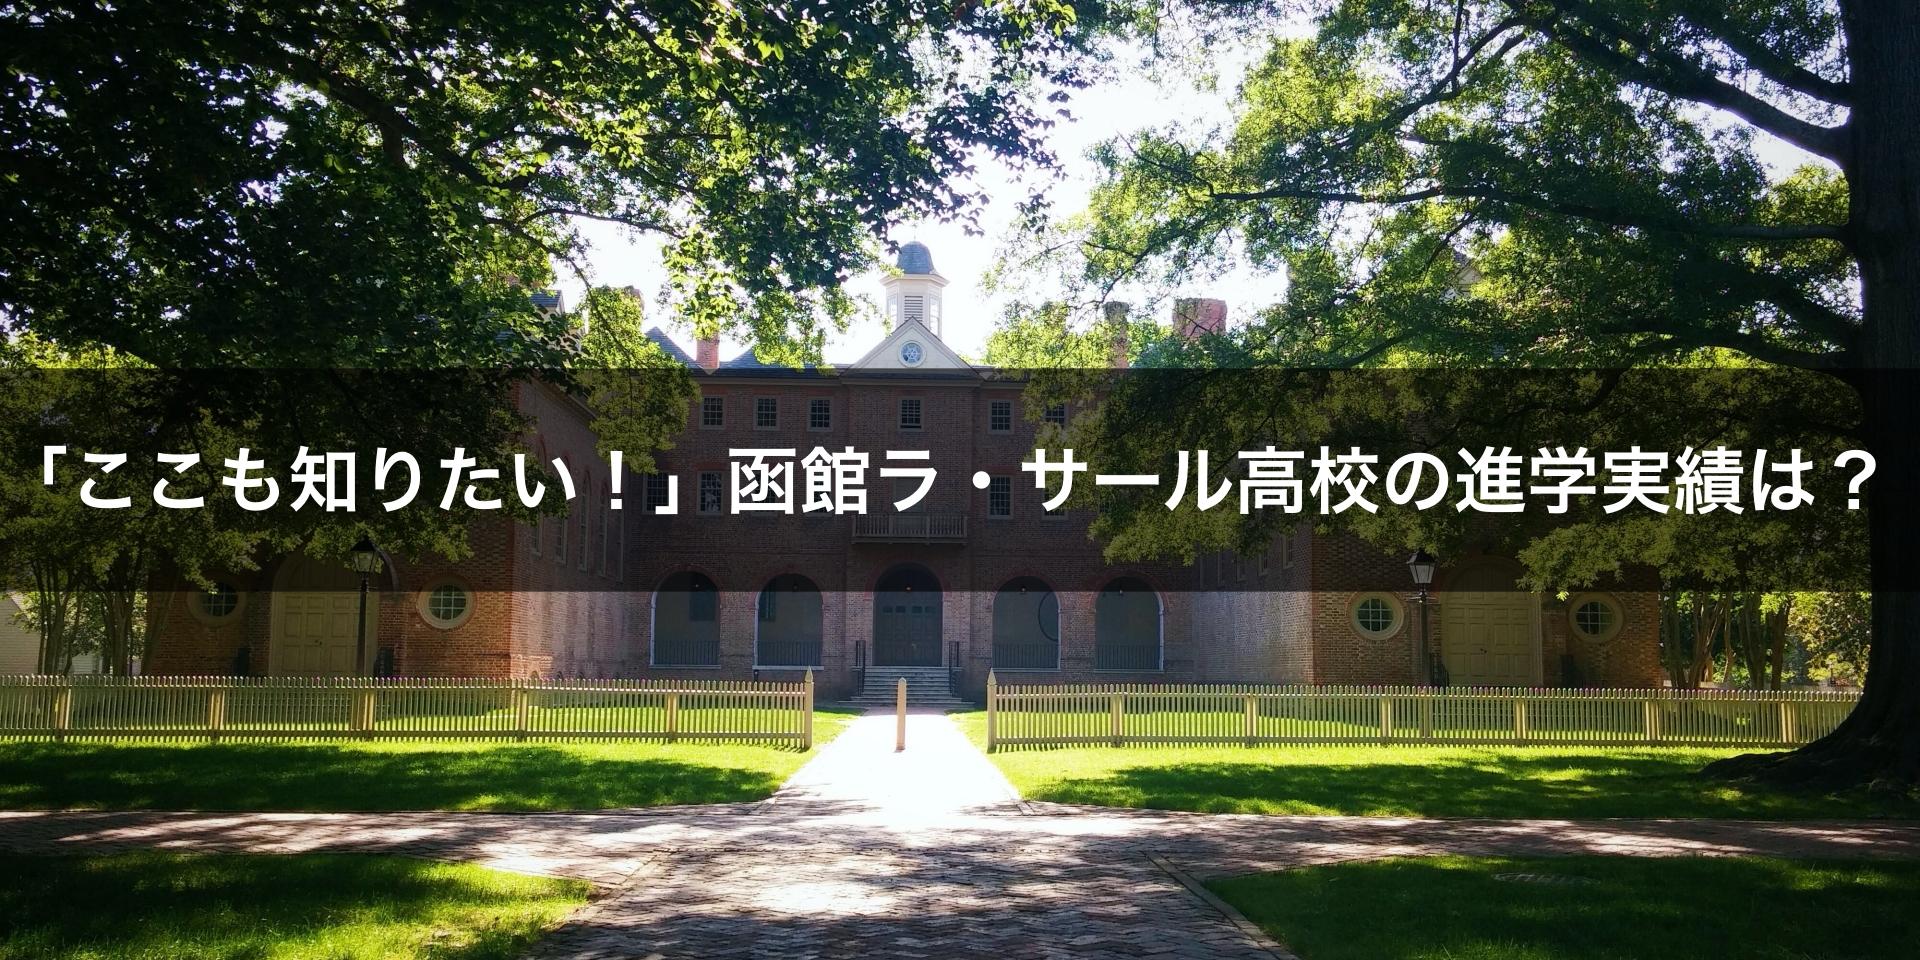 「ここも知りたい!」函館ラ・サール高校の進学実績は?